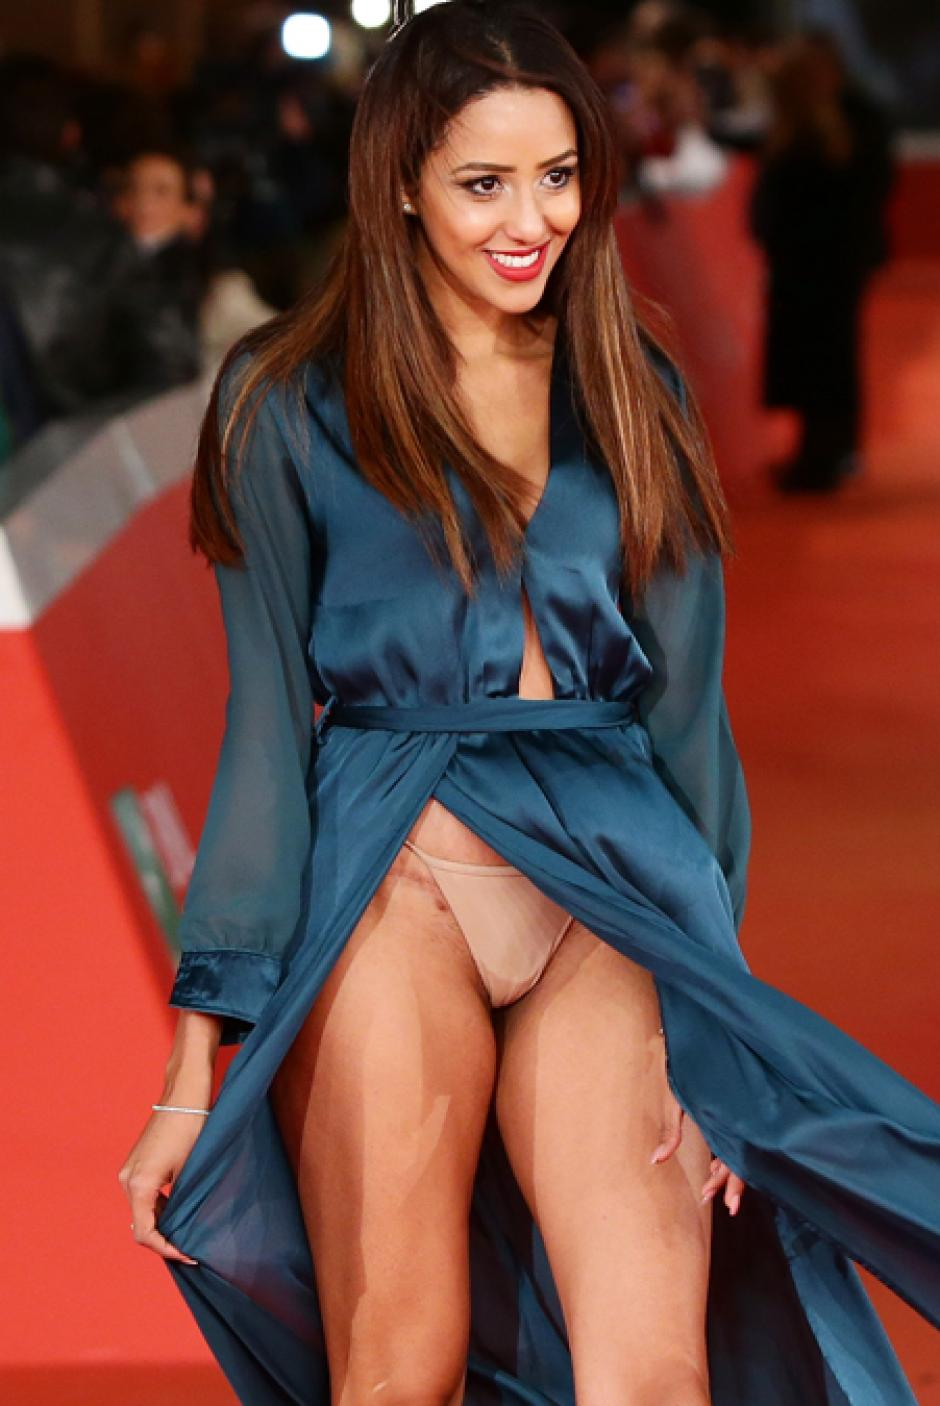 El vestido de Zaina Dridi dejó poco a la imaginación y a ella al parecer poco le importó. (Foto: telemundodallas.com)